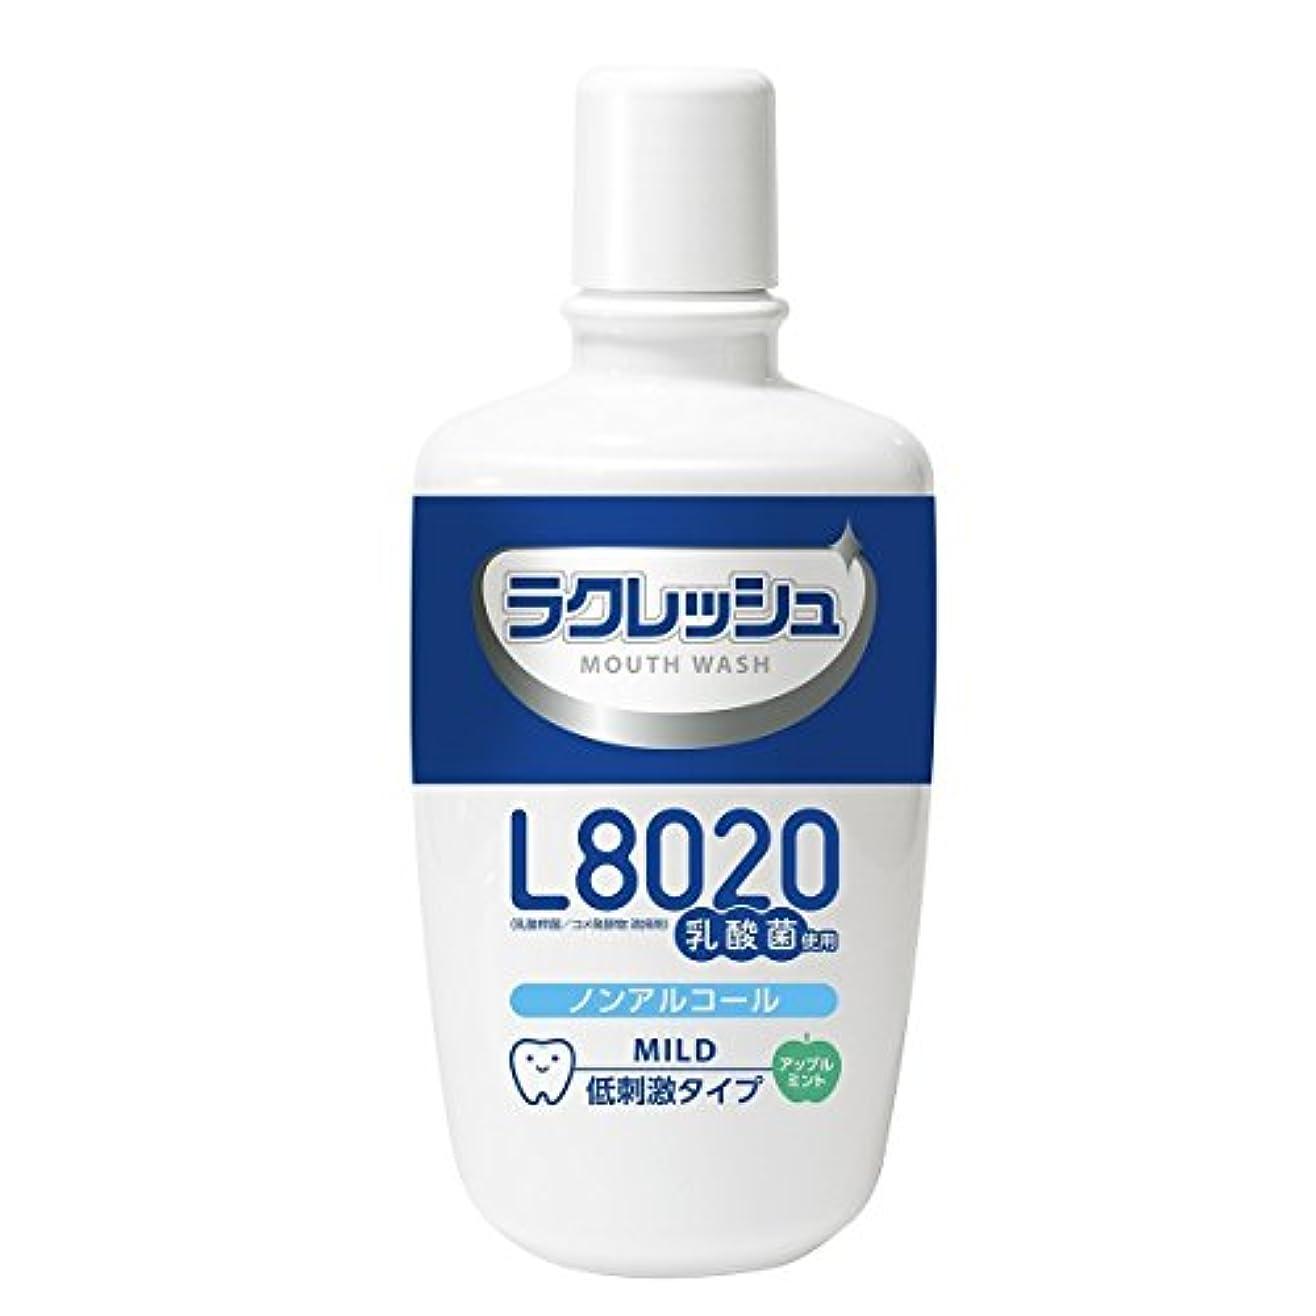 吹雪言うまでもなくあいまいさラクレッシュ L8020菌使用 マウスウォッシュ ノンアルコールタイプ 300mL×15個セット